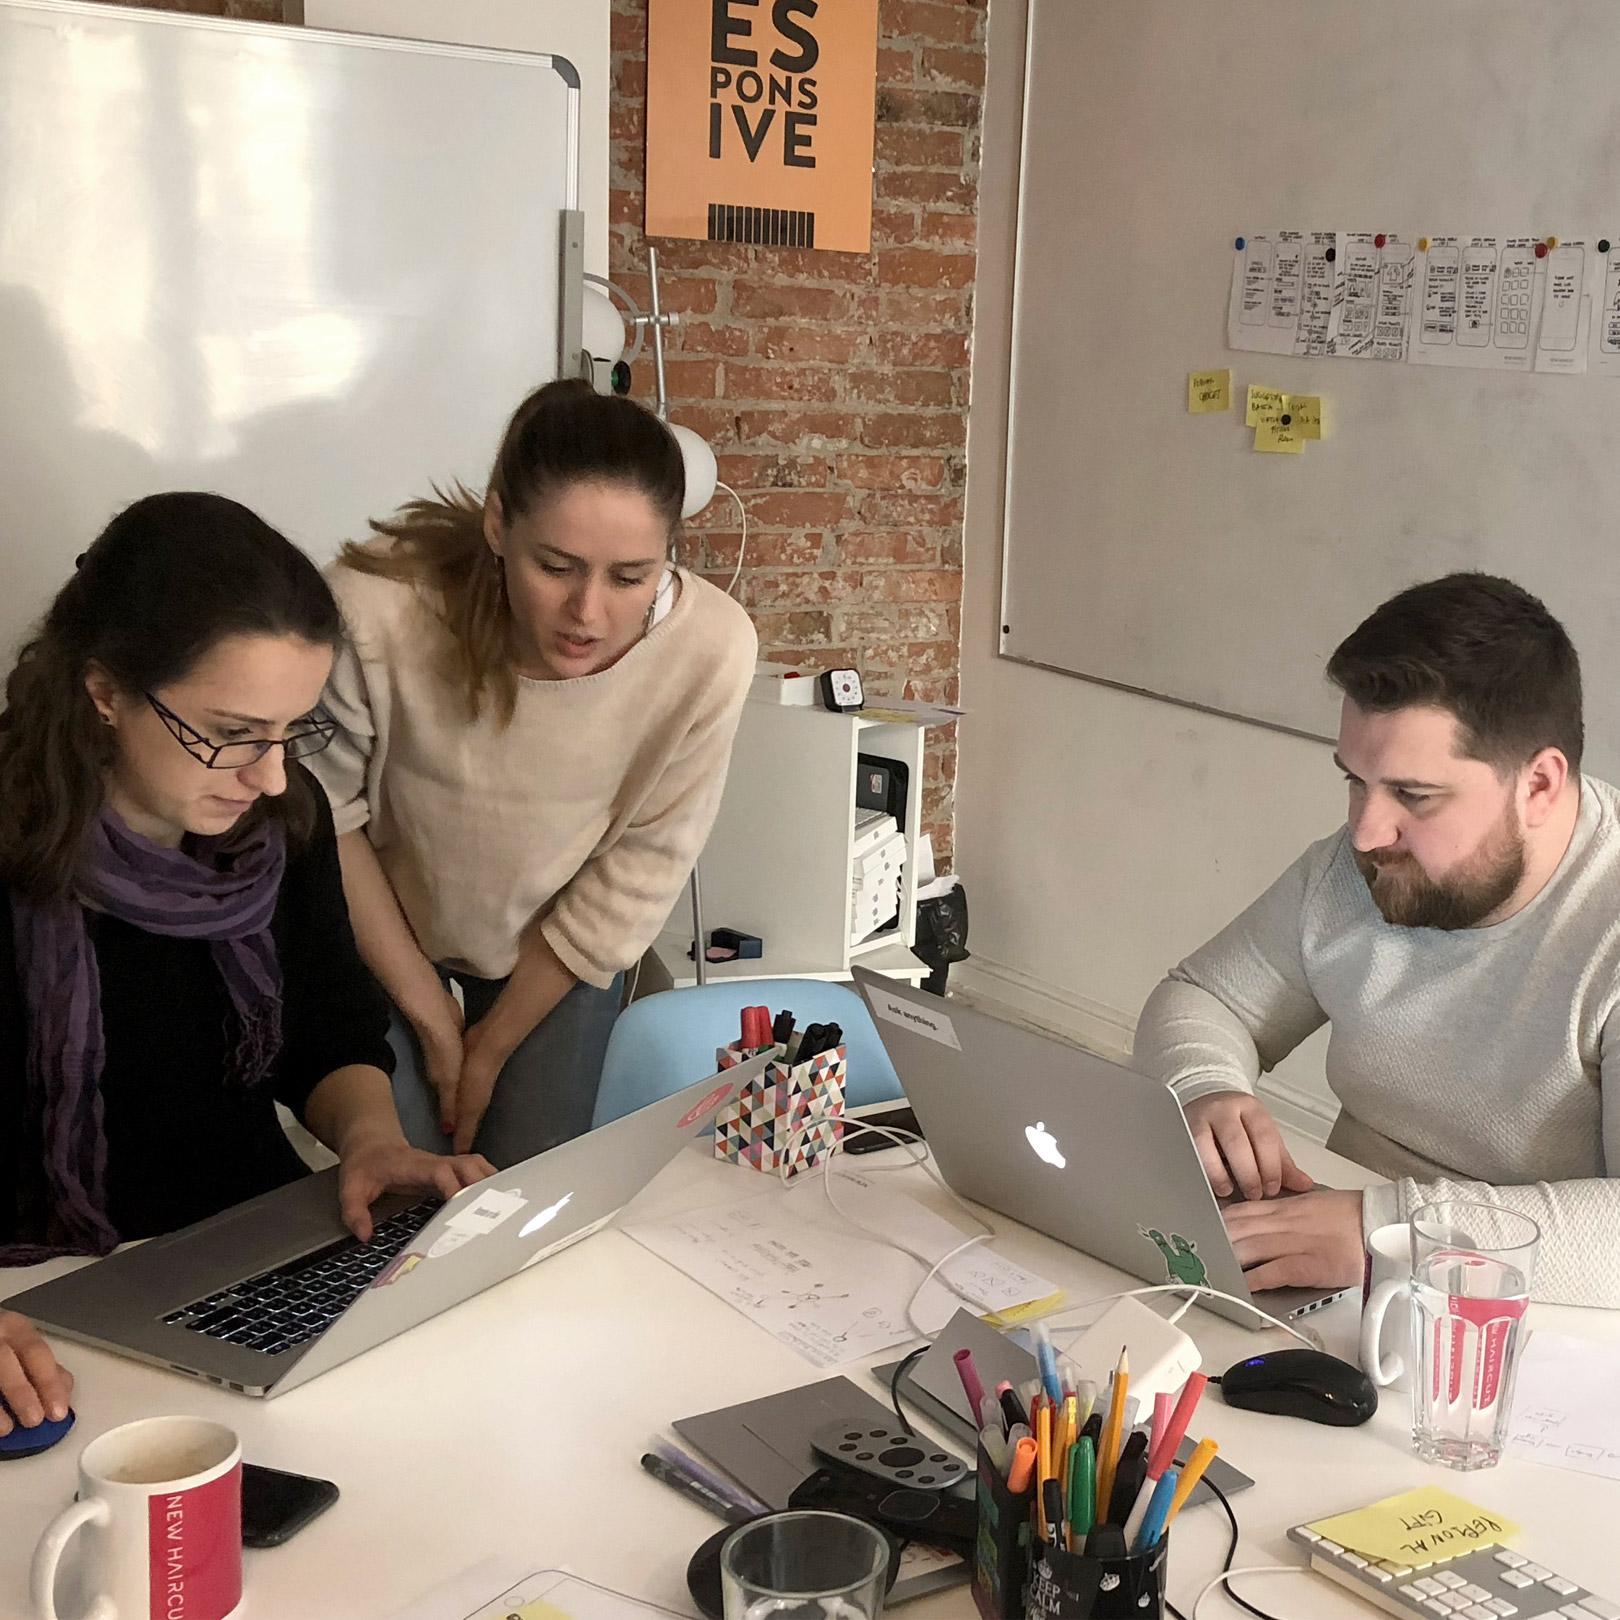 How to design a design team